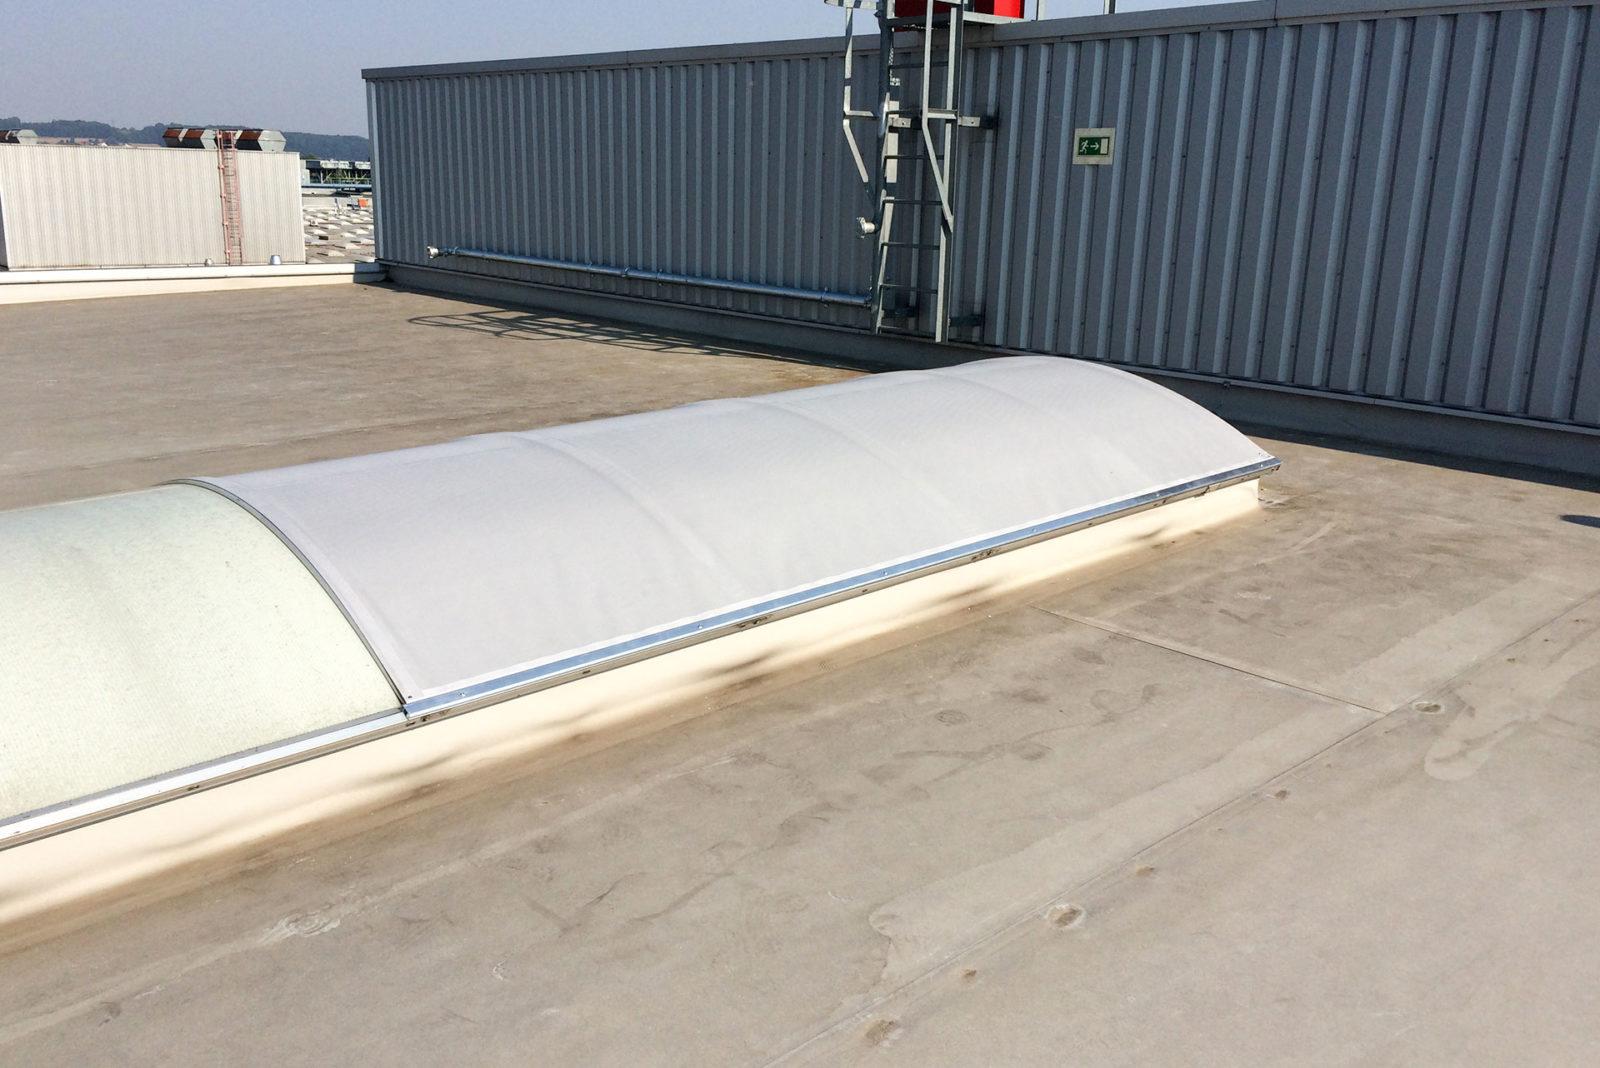 Dachkuppelbeschattung